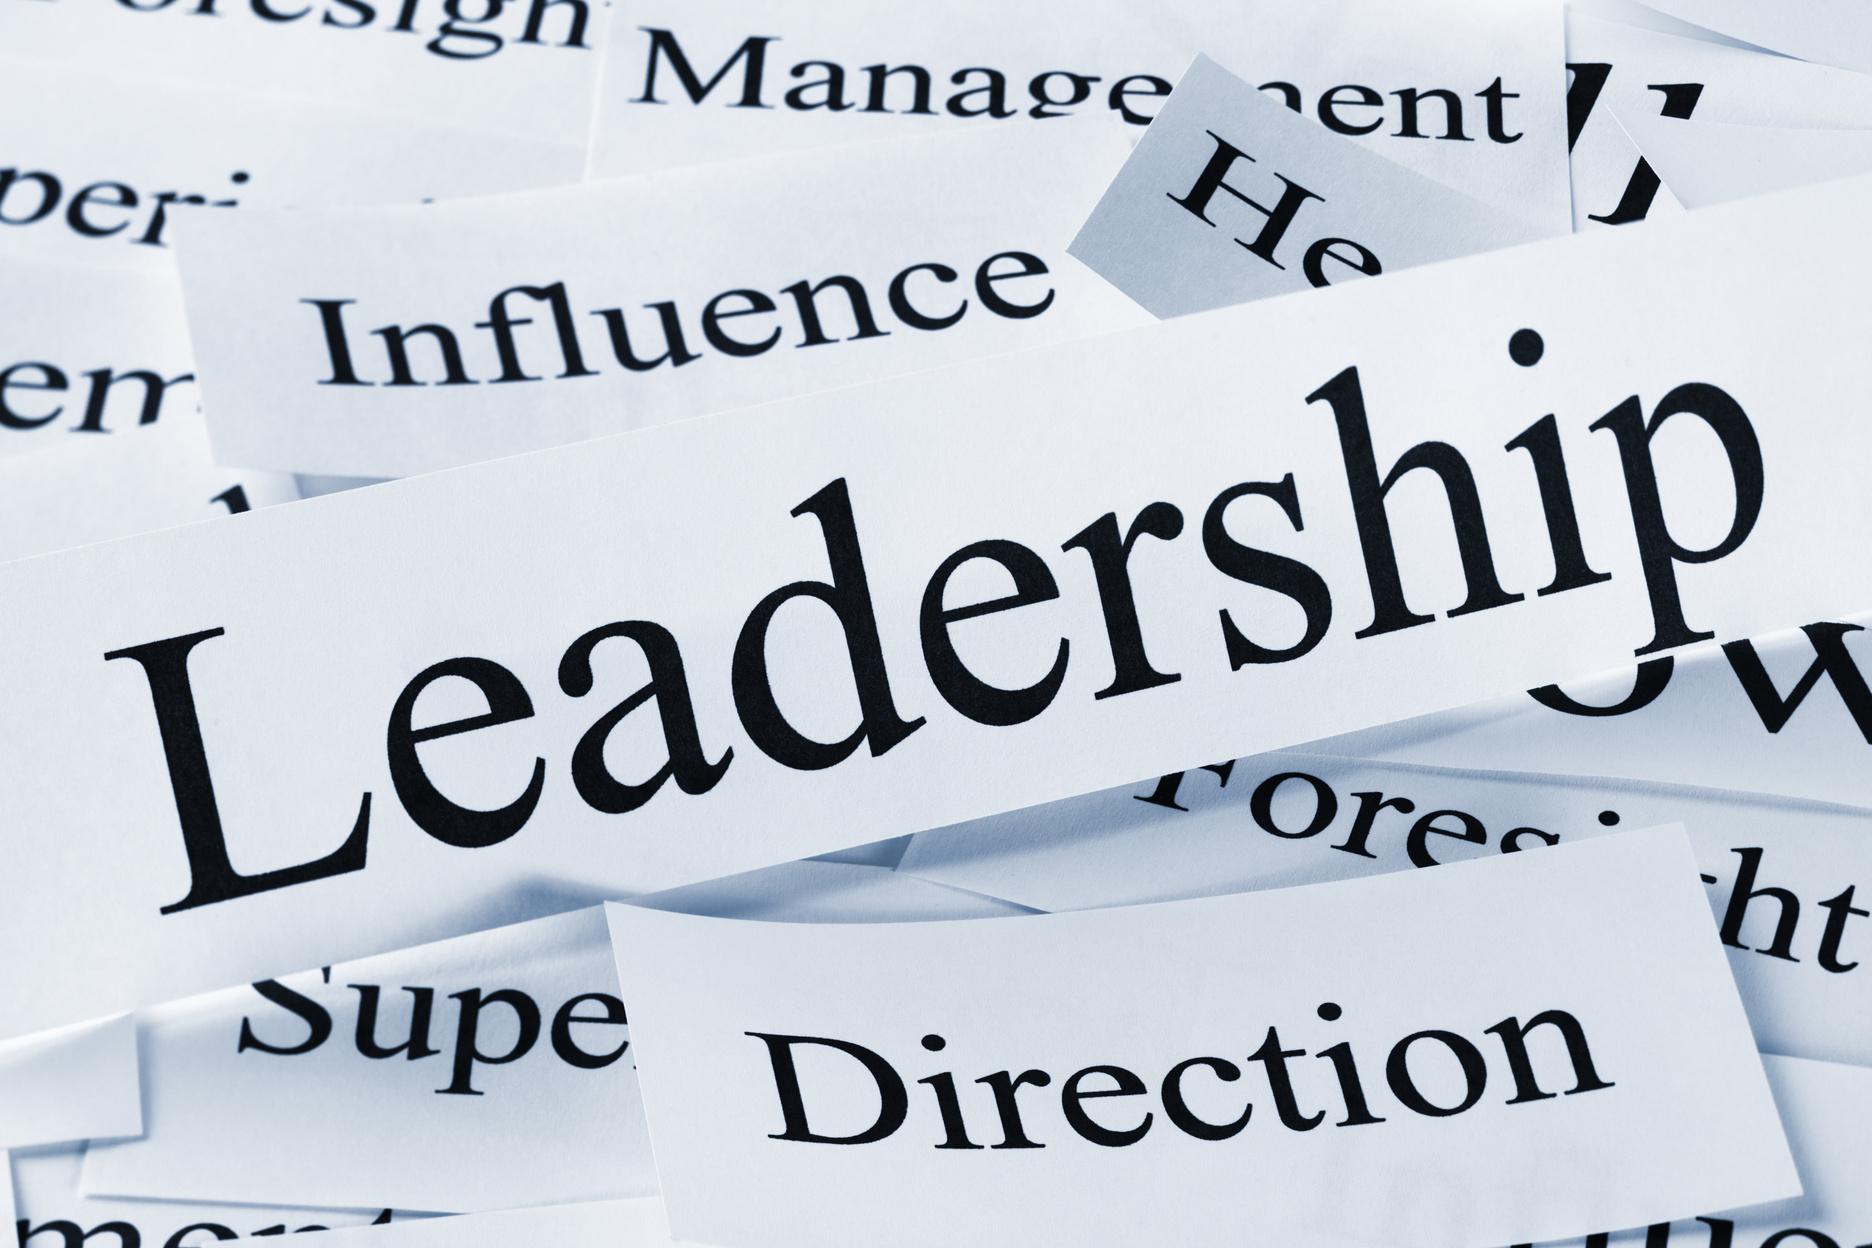 Top-2016-Leadership-Trends-2.jpg